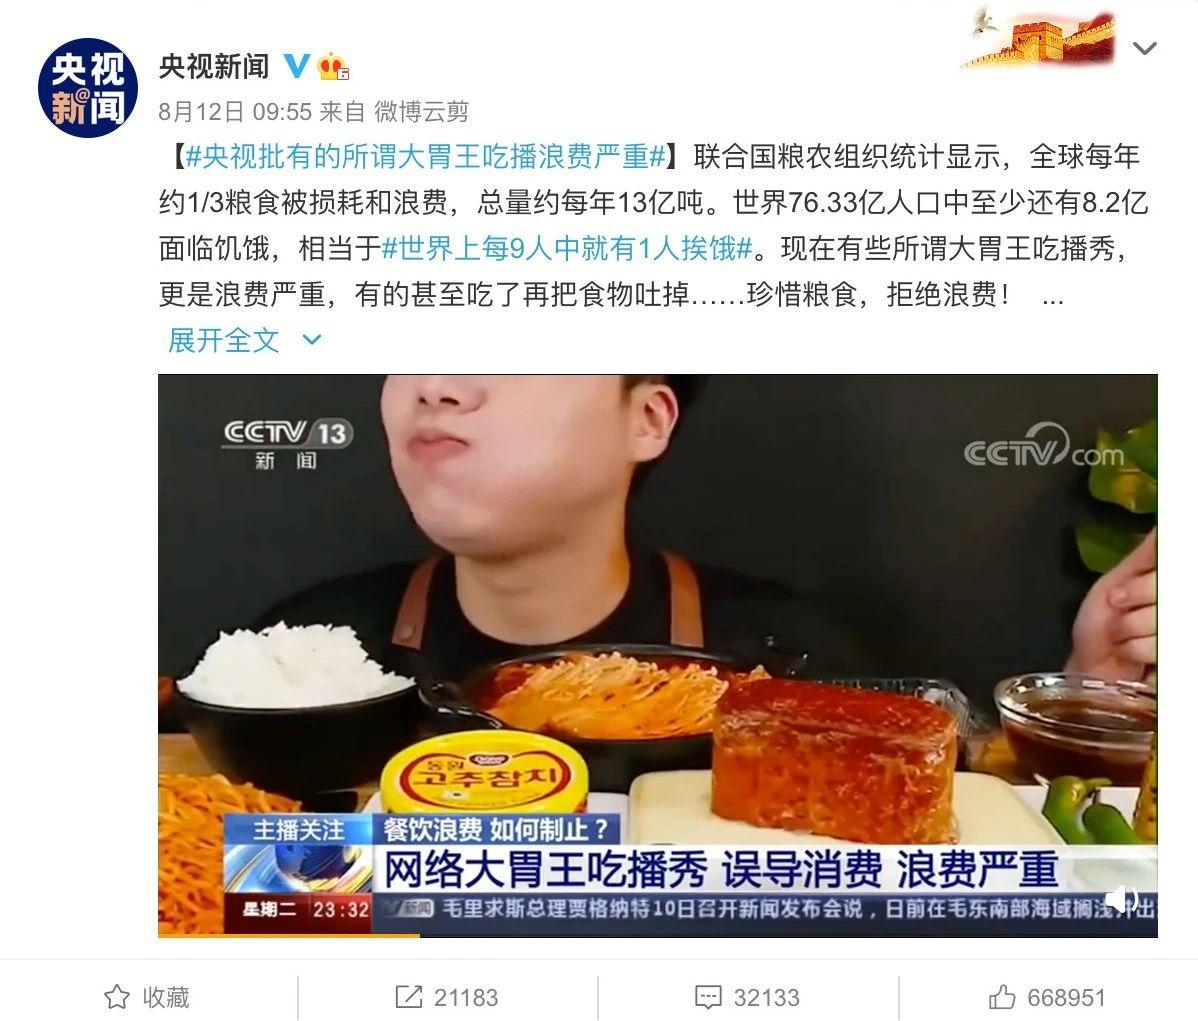 视频剪接、边吃边吐……大胃王吃播视频竟是这样制作的!-小苏-每日微信精选